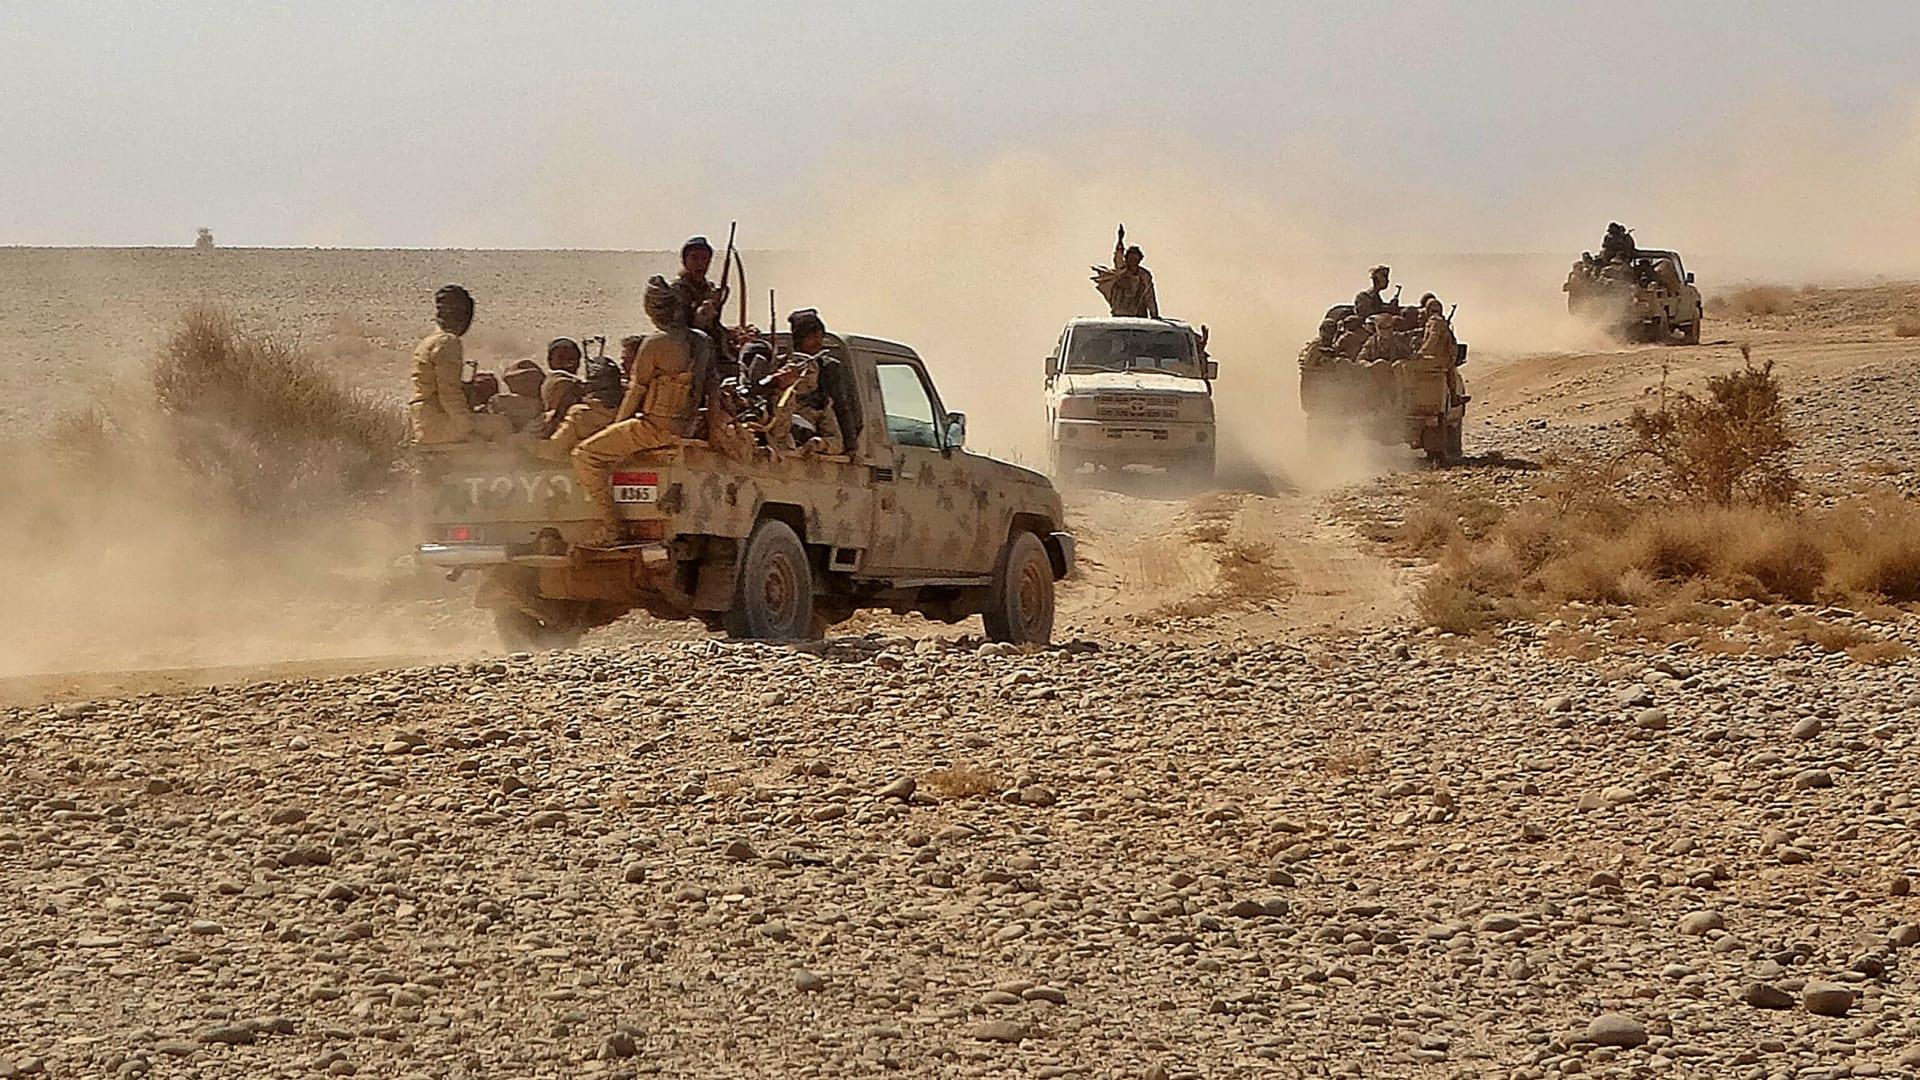 """مقاتلون يستقلون شاحنات صغيرة مع اشتباك القوات الموالية للحكومة اليمنية مع مقاتلين من الحوثيين حول قاعدة """"ماس كامب"""" العسكرية، 22 نوفمبر/ تشرين الثاني 2020"""